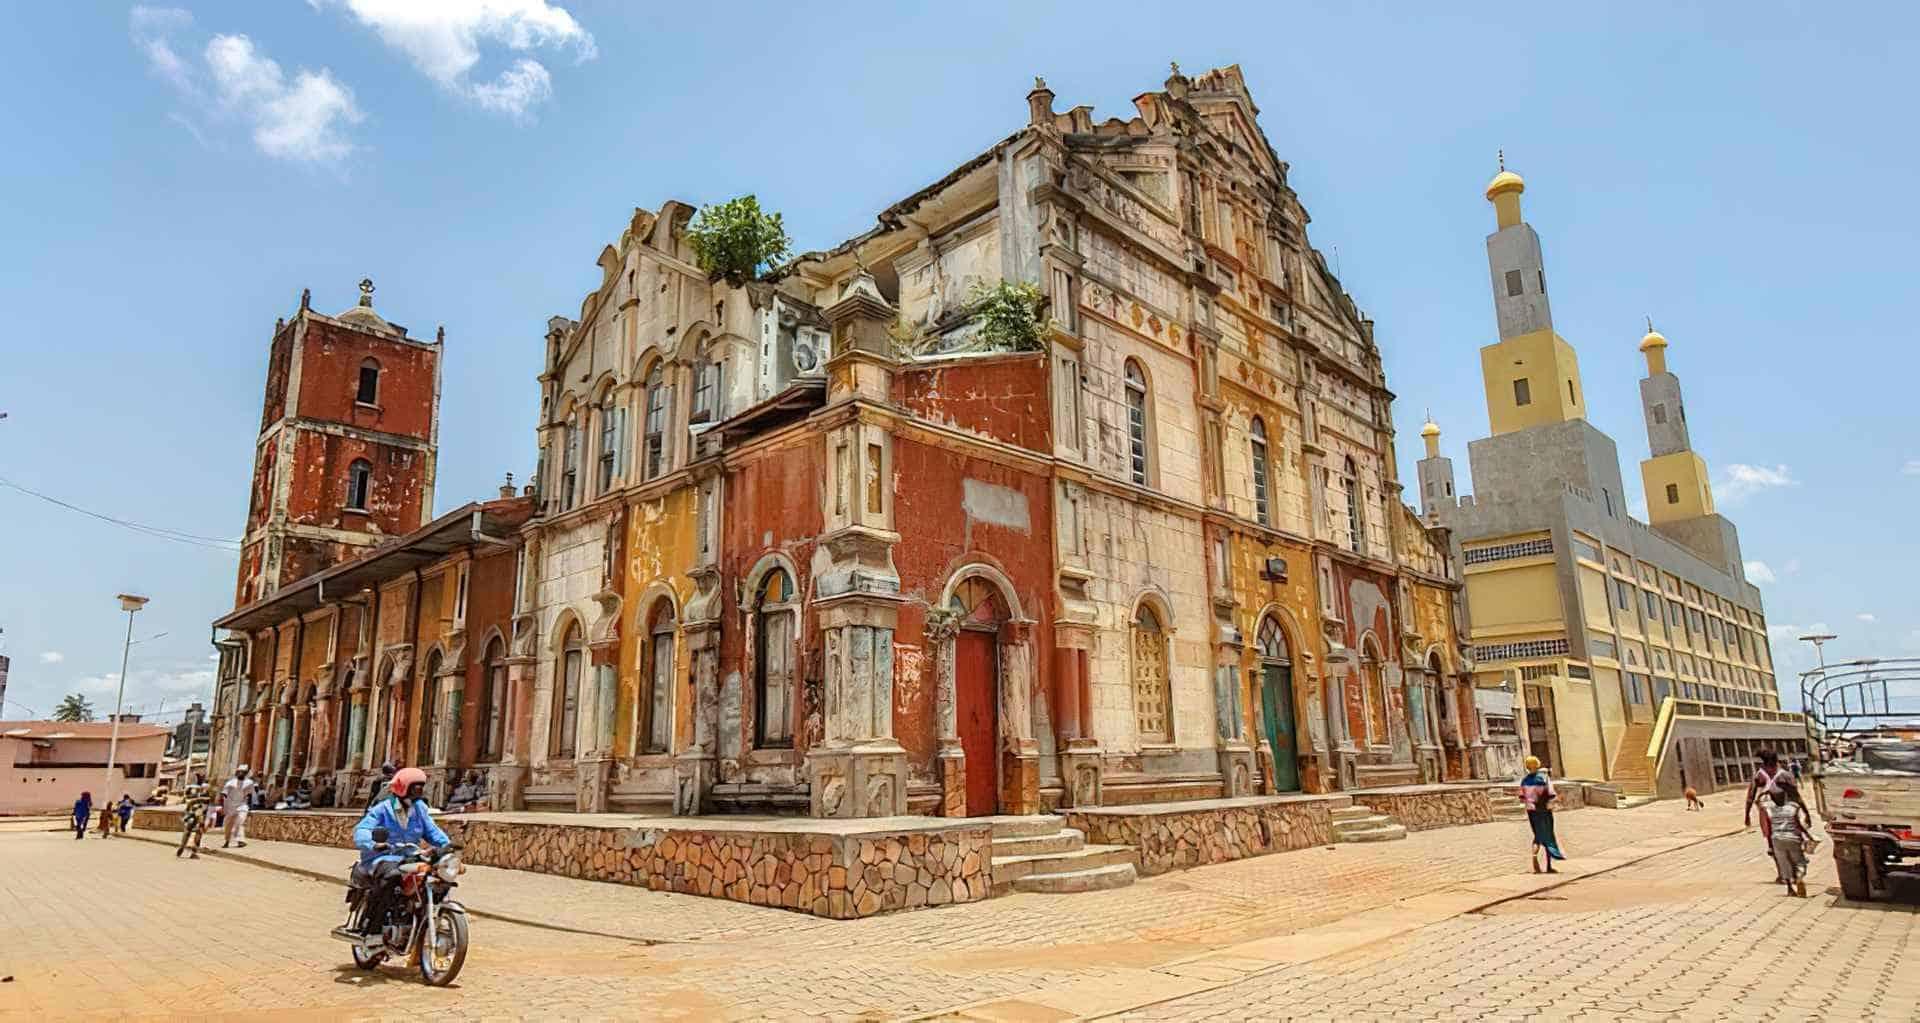 Foto de Porto Novo, capital de Benín y la coronación de un rey vudú